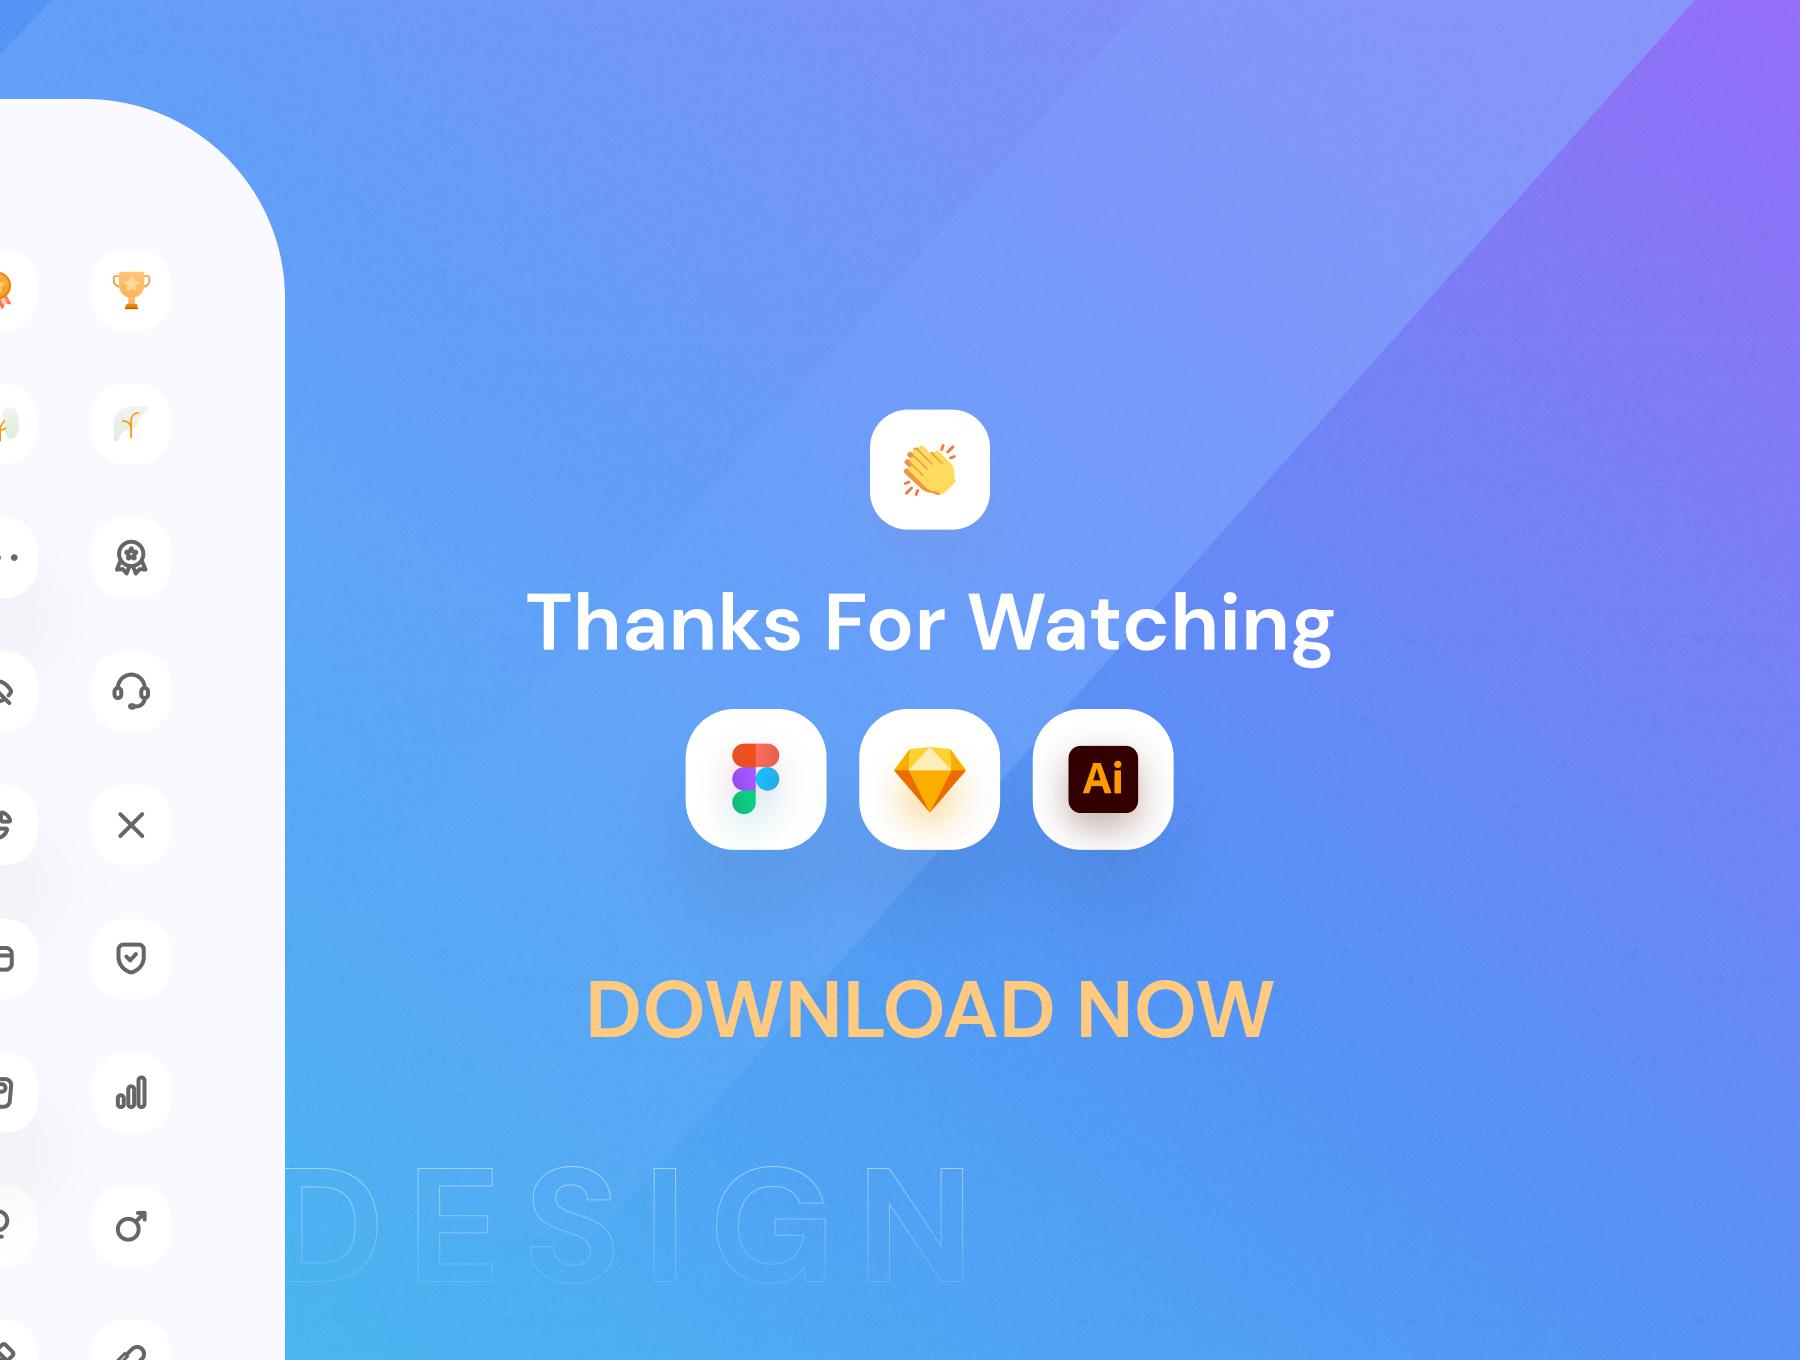 دانلود UI Kit چند منظوره موبایل Yuyuaian